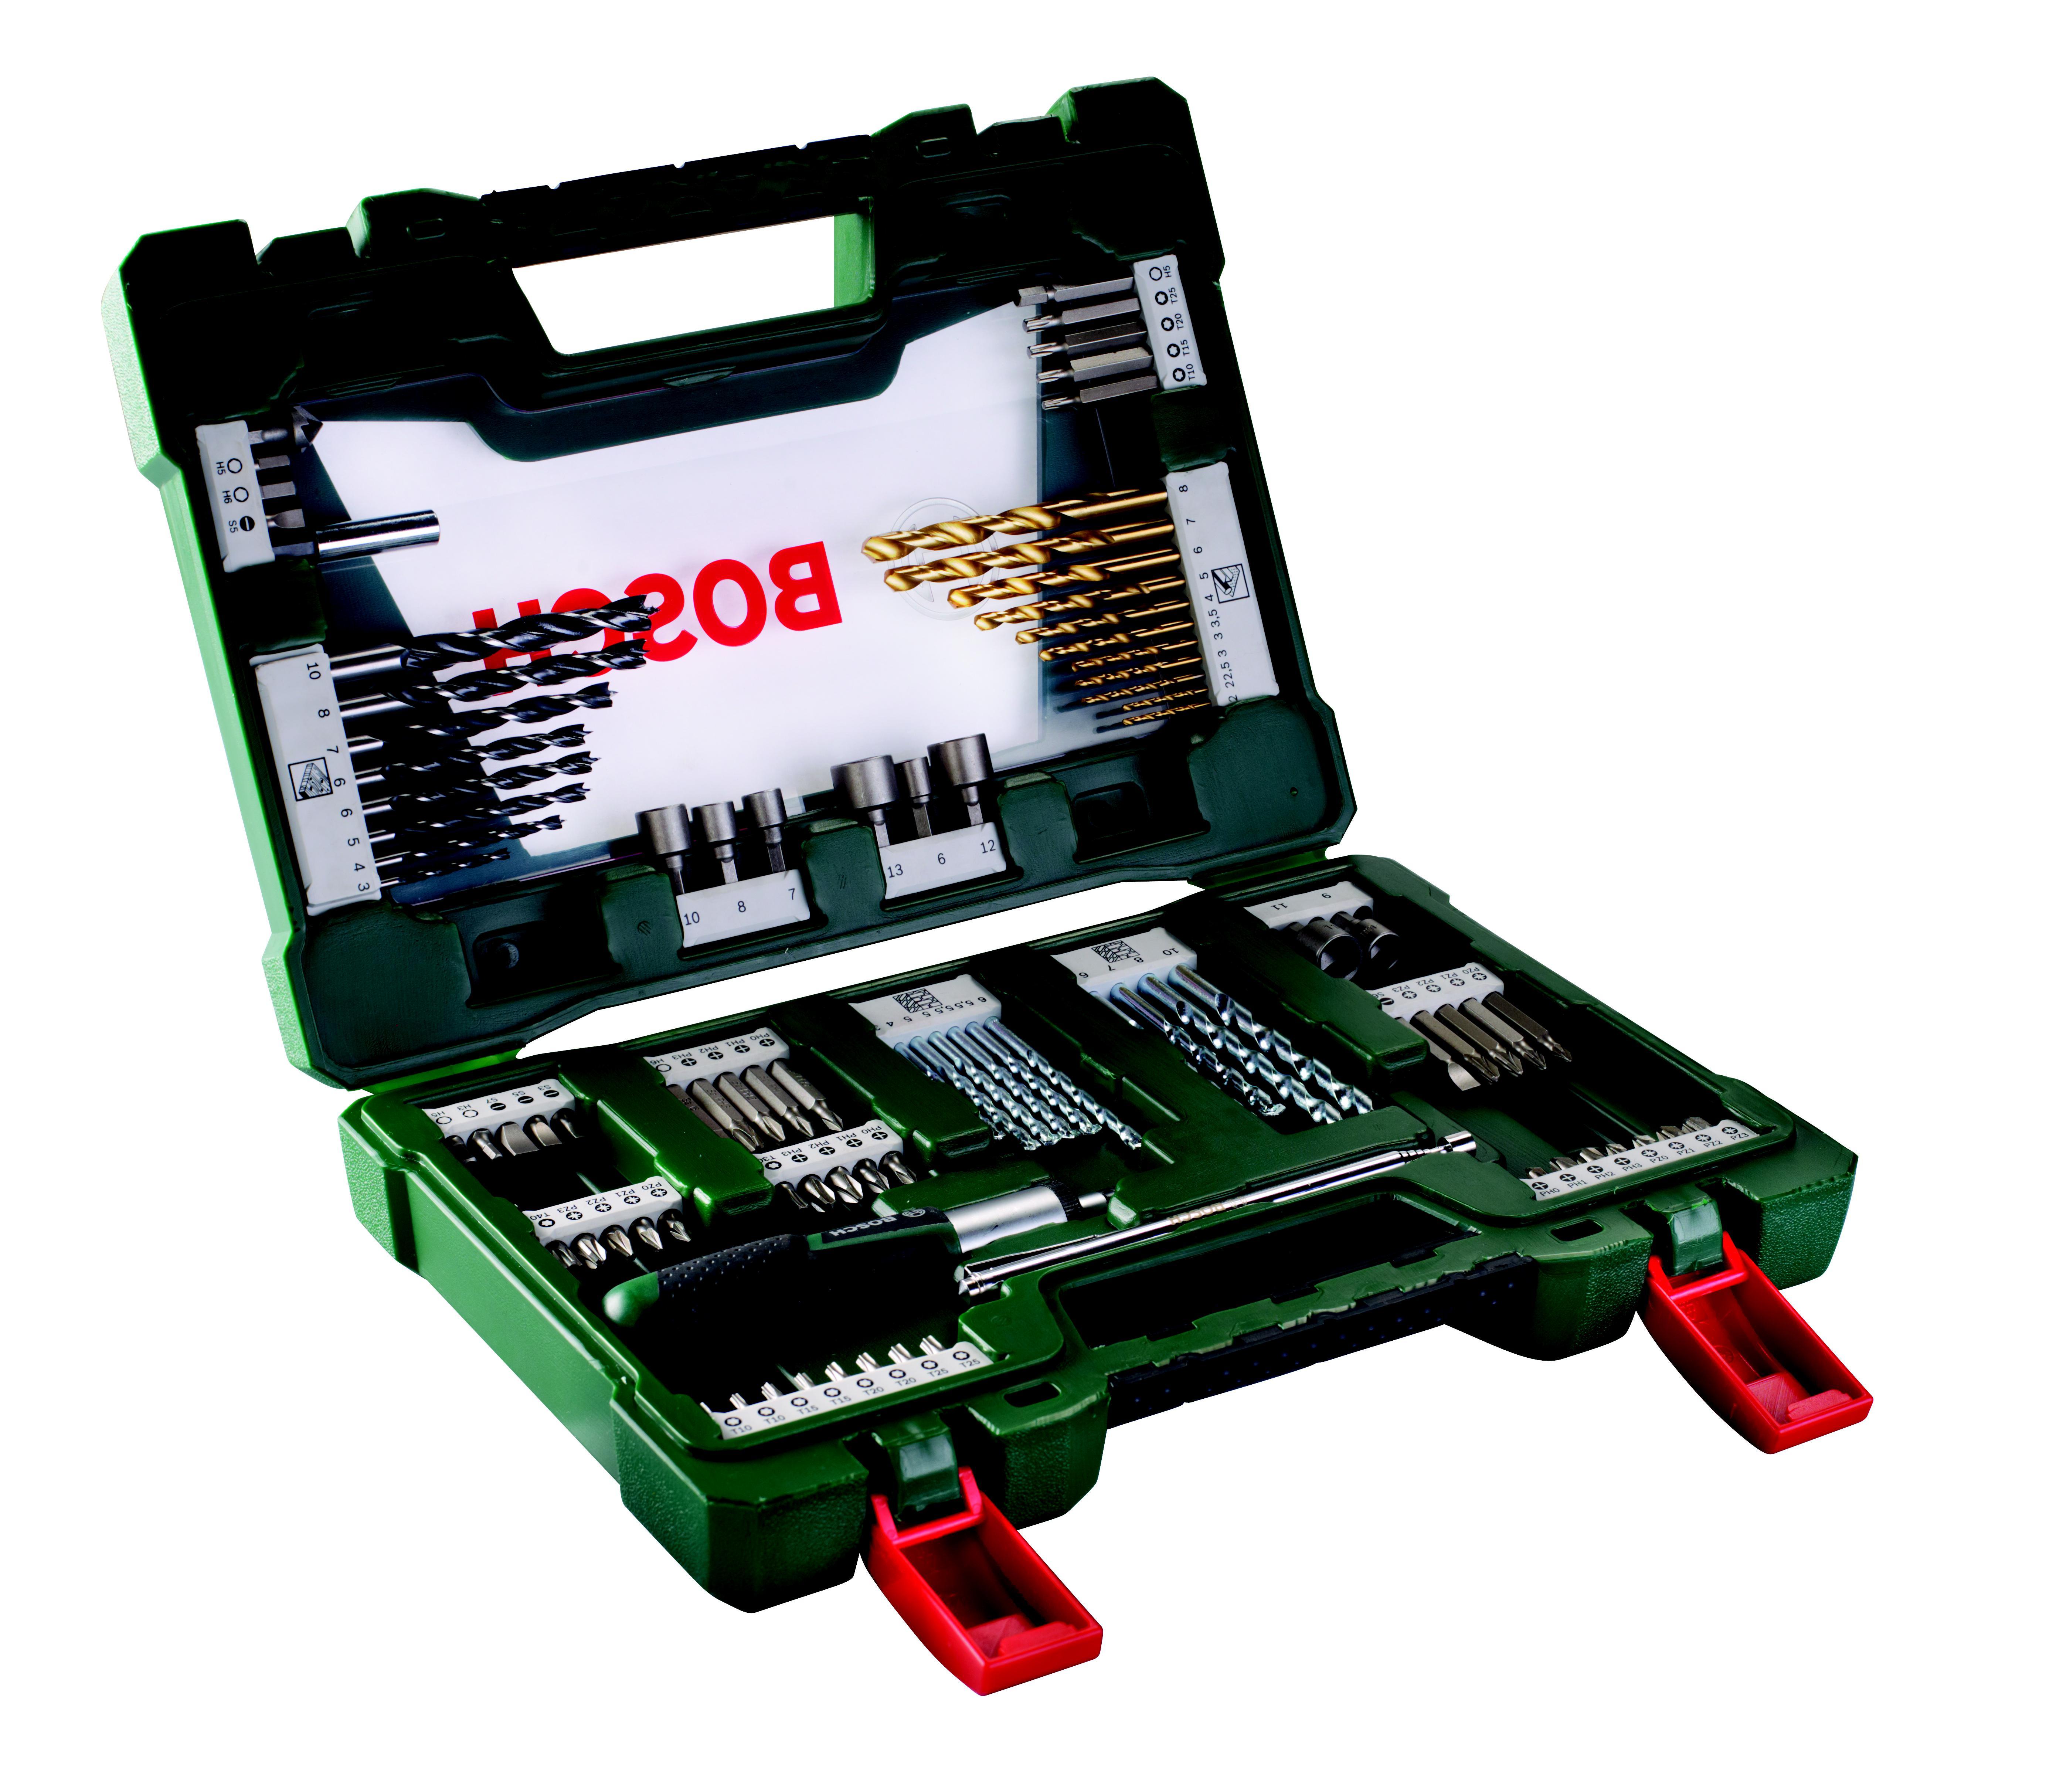 Набор бит и сверл Bosch V-line-91 91шт (2.607.017.195) цена и фото